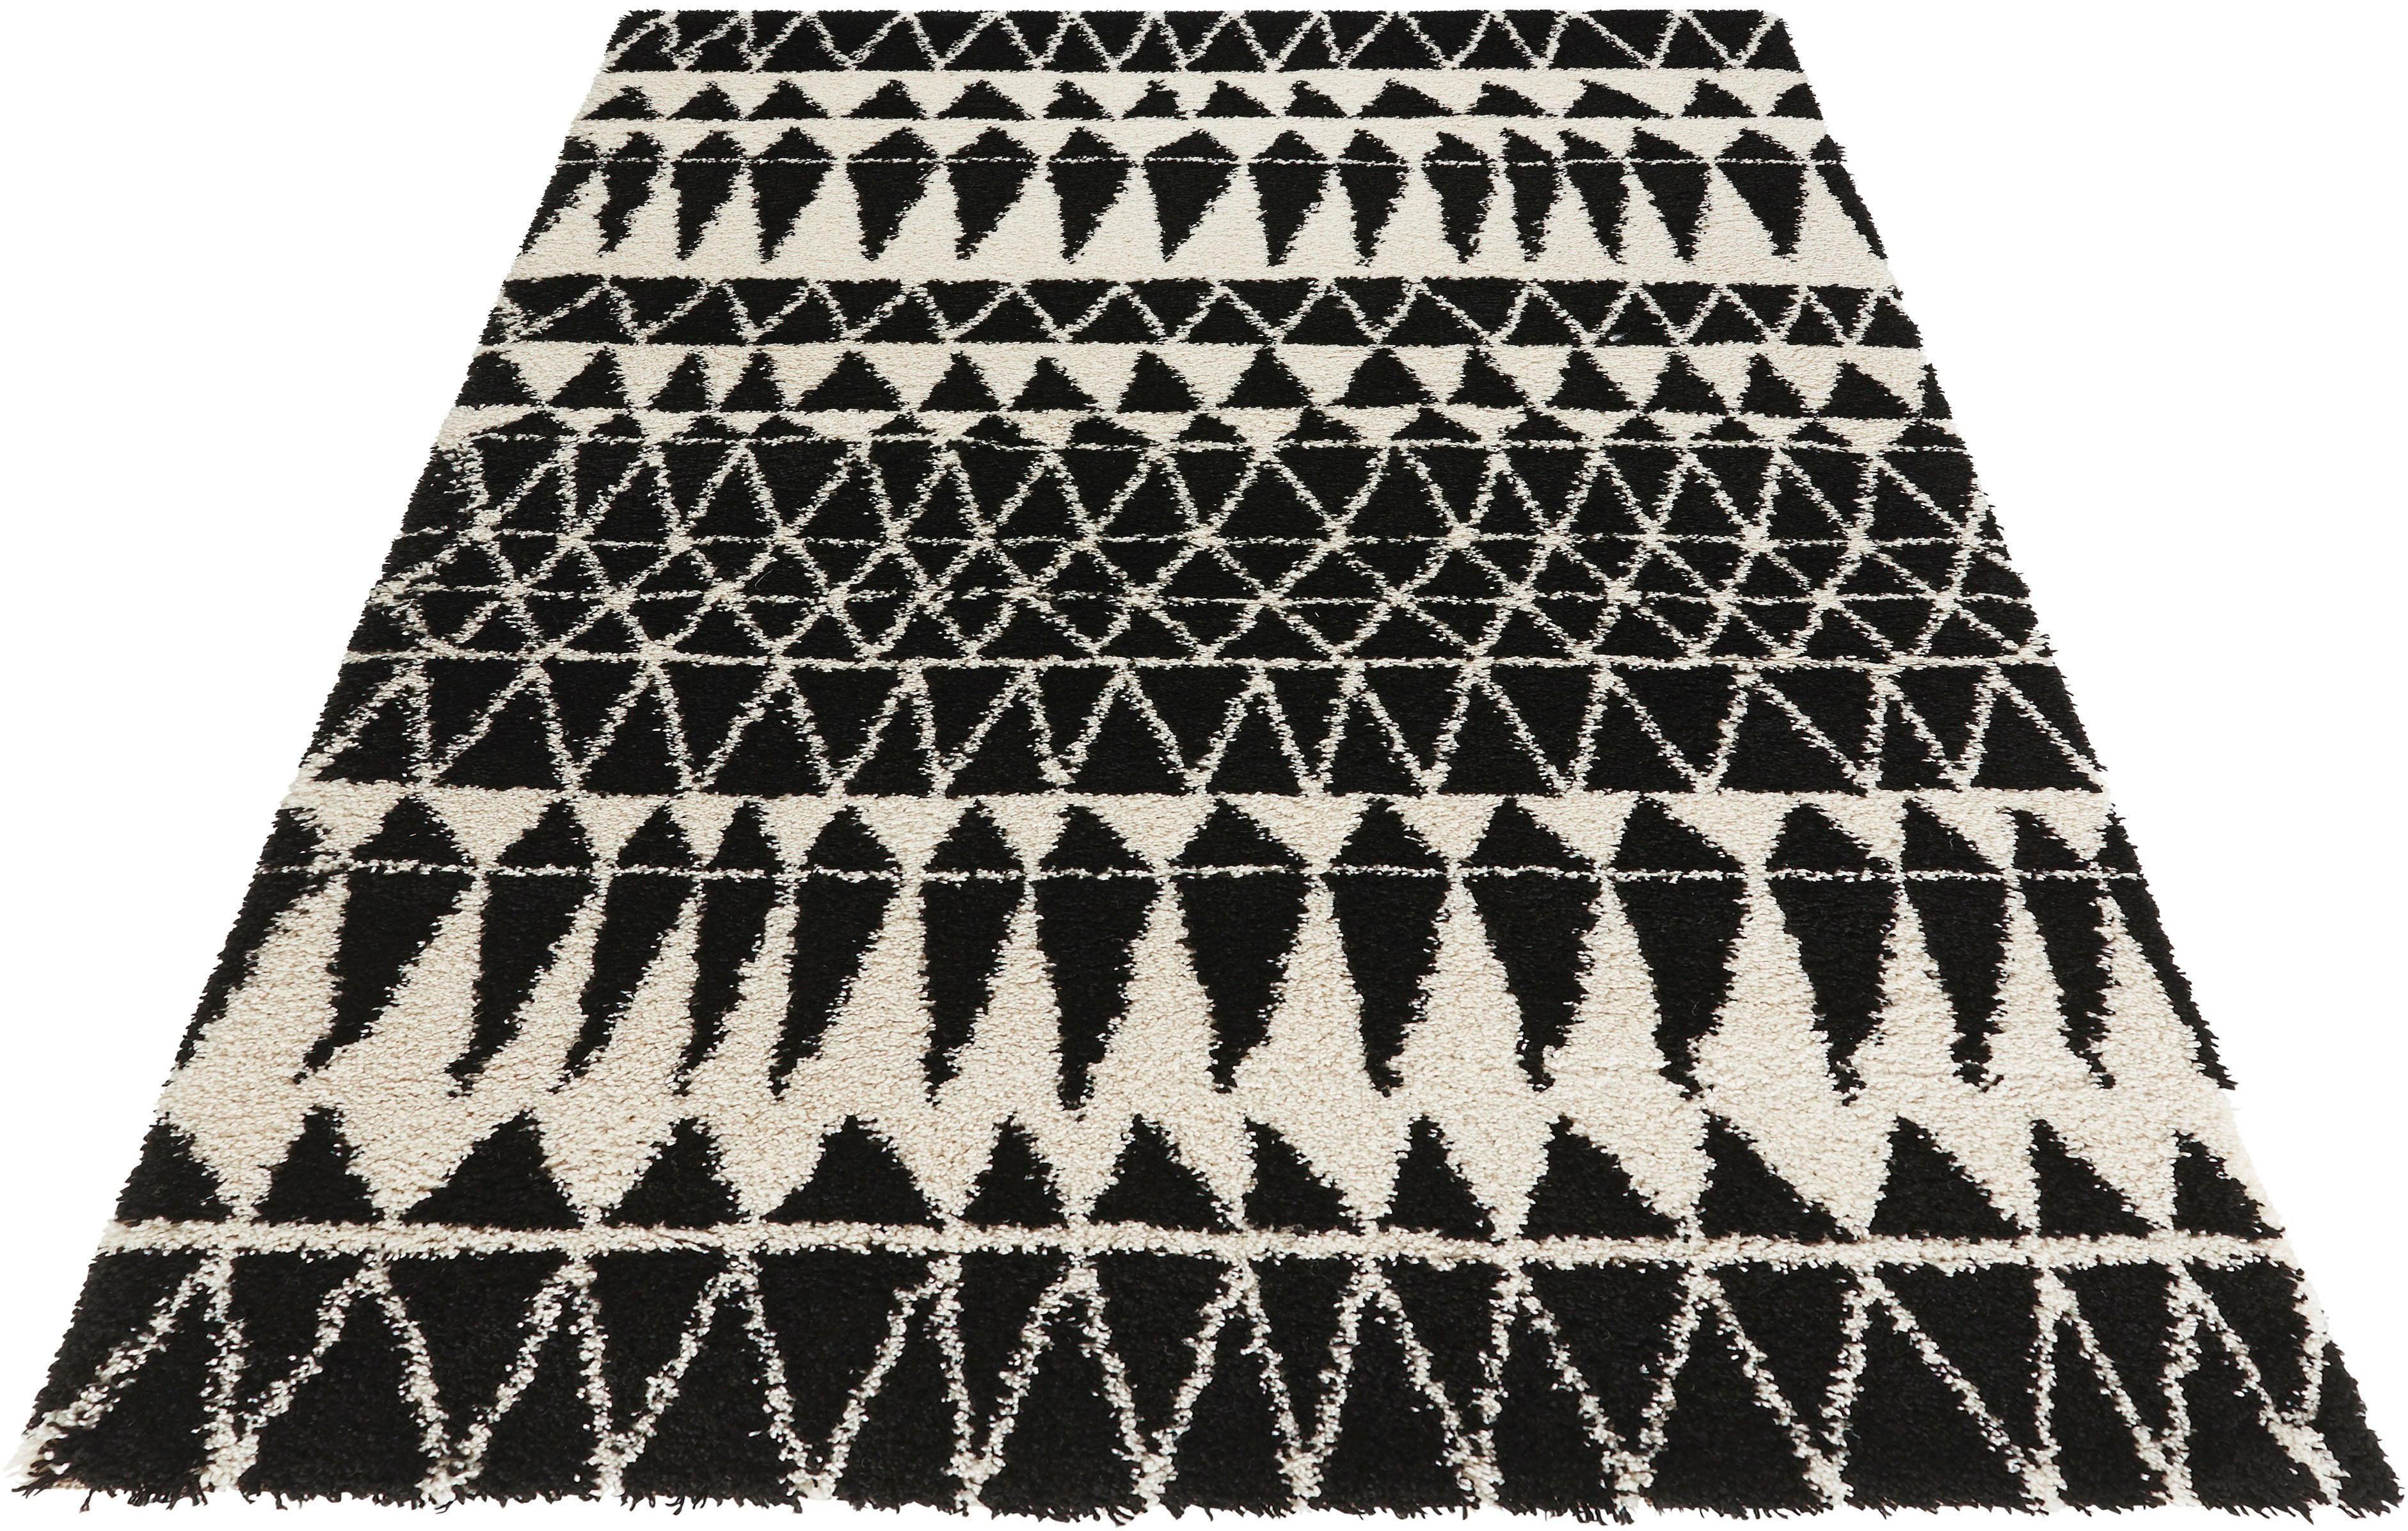 Hochflor-Teppich, »Inspire«, MINT RUGS, rechteckig, Höhe 35 mm | Heimtextilien > Teppiche > Hochflorteppiche | Schwarz | MINT RUGS